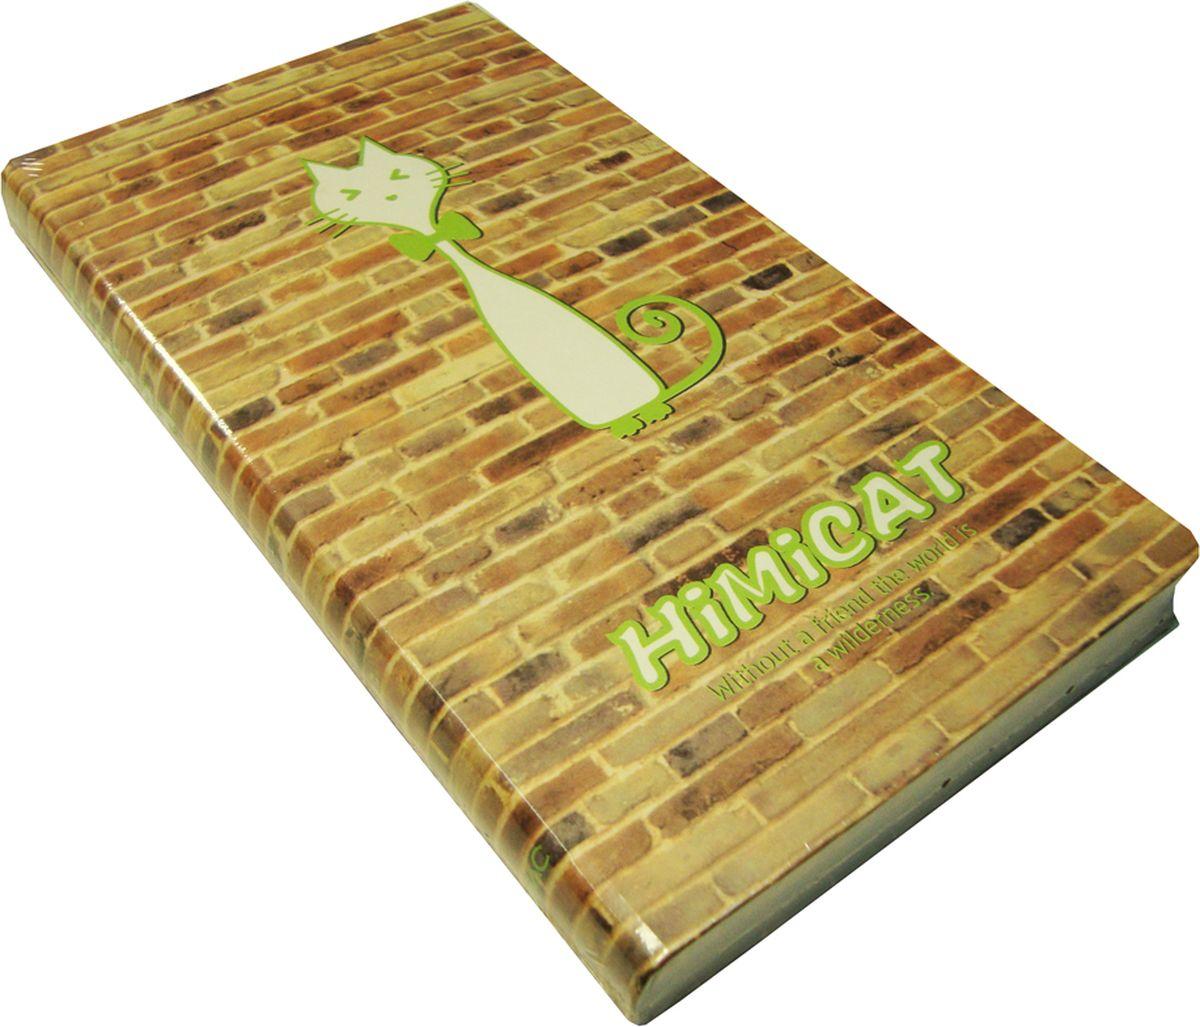 Карамба Блокнот Рисованная зеленая кошка на кирпичной стене 96 листов в линейку4119Блокнот Карамба Рисованная зеленая кошка на кирпичной стене - незаменимый атрибут современного человека, необходимый для рабочих и повседневных записей в офисе и дома. Блокнот содержит 96 листов в линейку.Блокнот станет достойным аксессуаром среди ваших канцелярских принадлежностей. Такой блокнот пригодится как для деловых людей, так и для любителей записывать свои мысли, писать мемуары или делать наброски новых стихотворений.